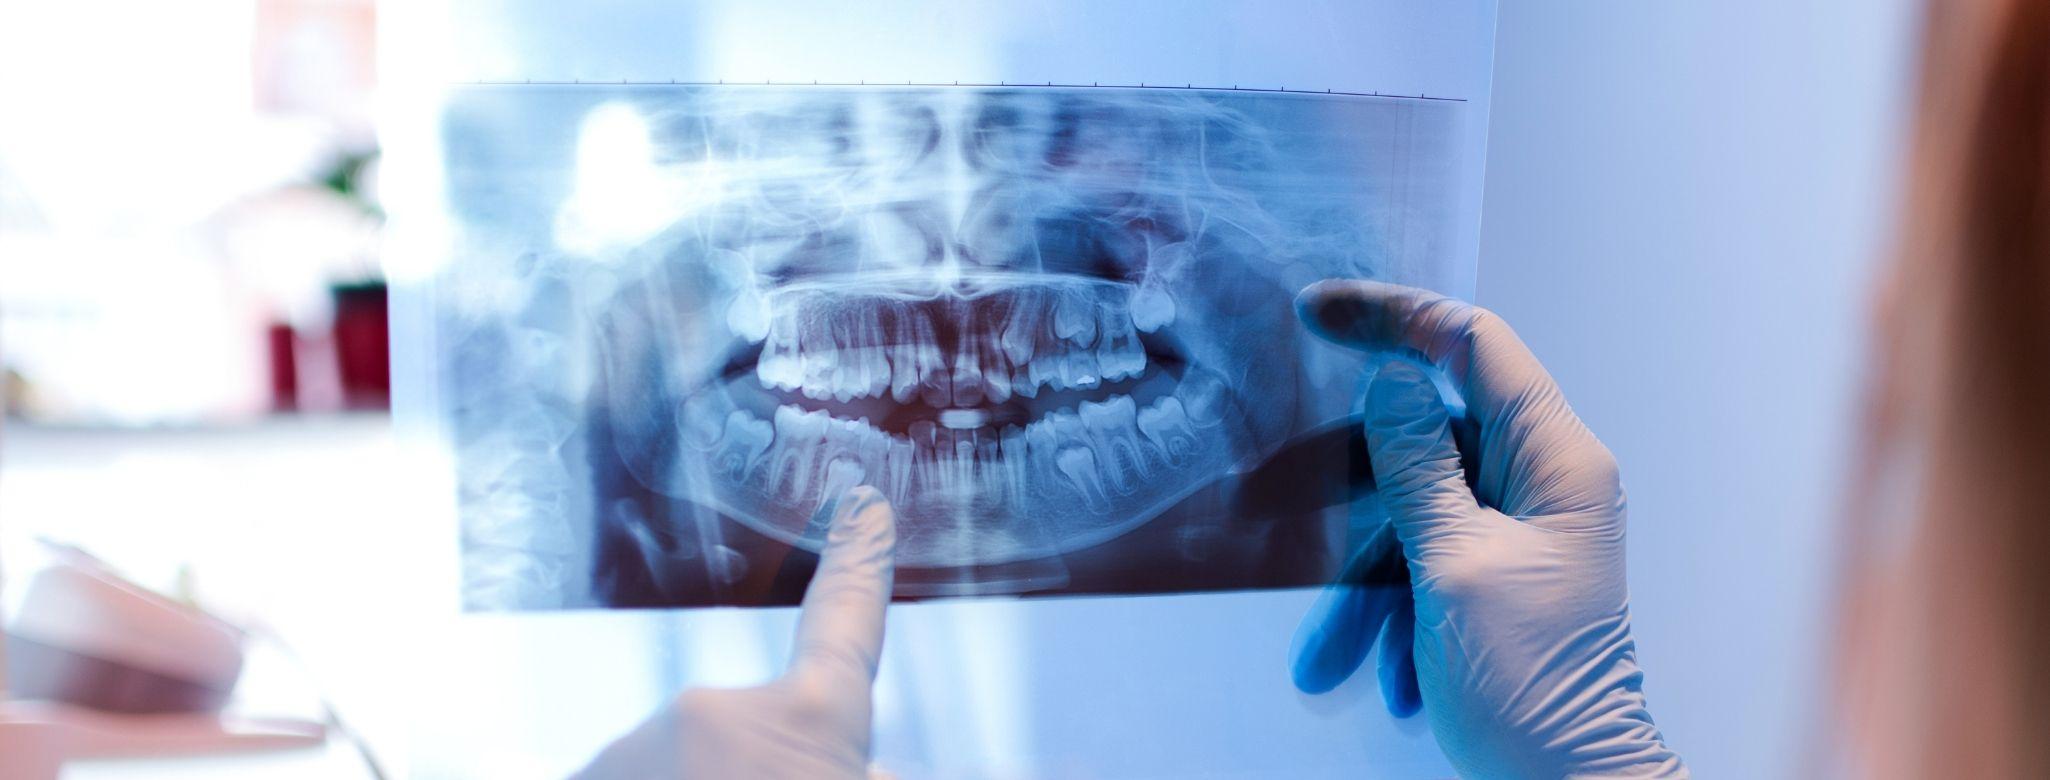 教你看懂X光片